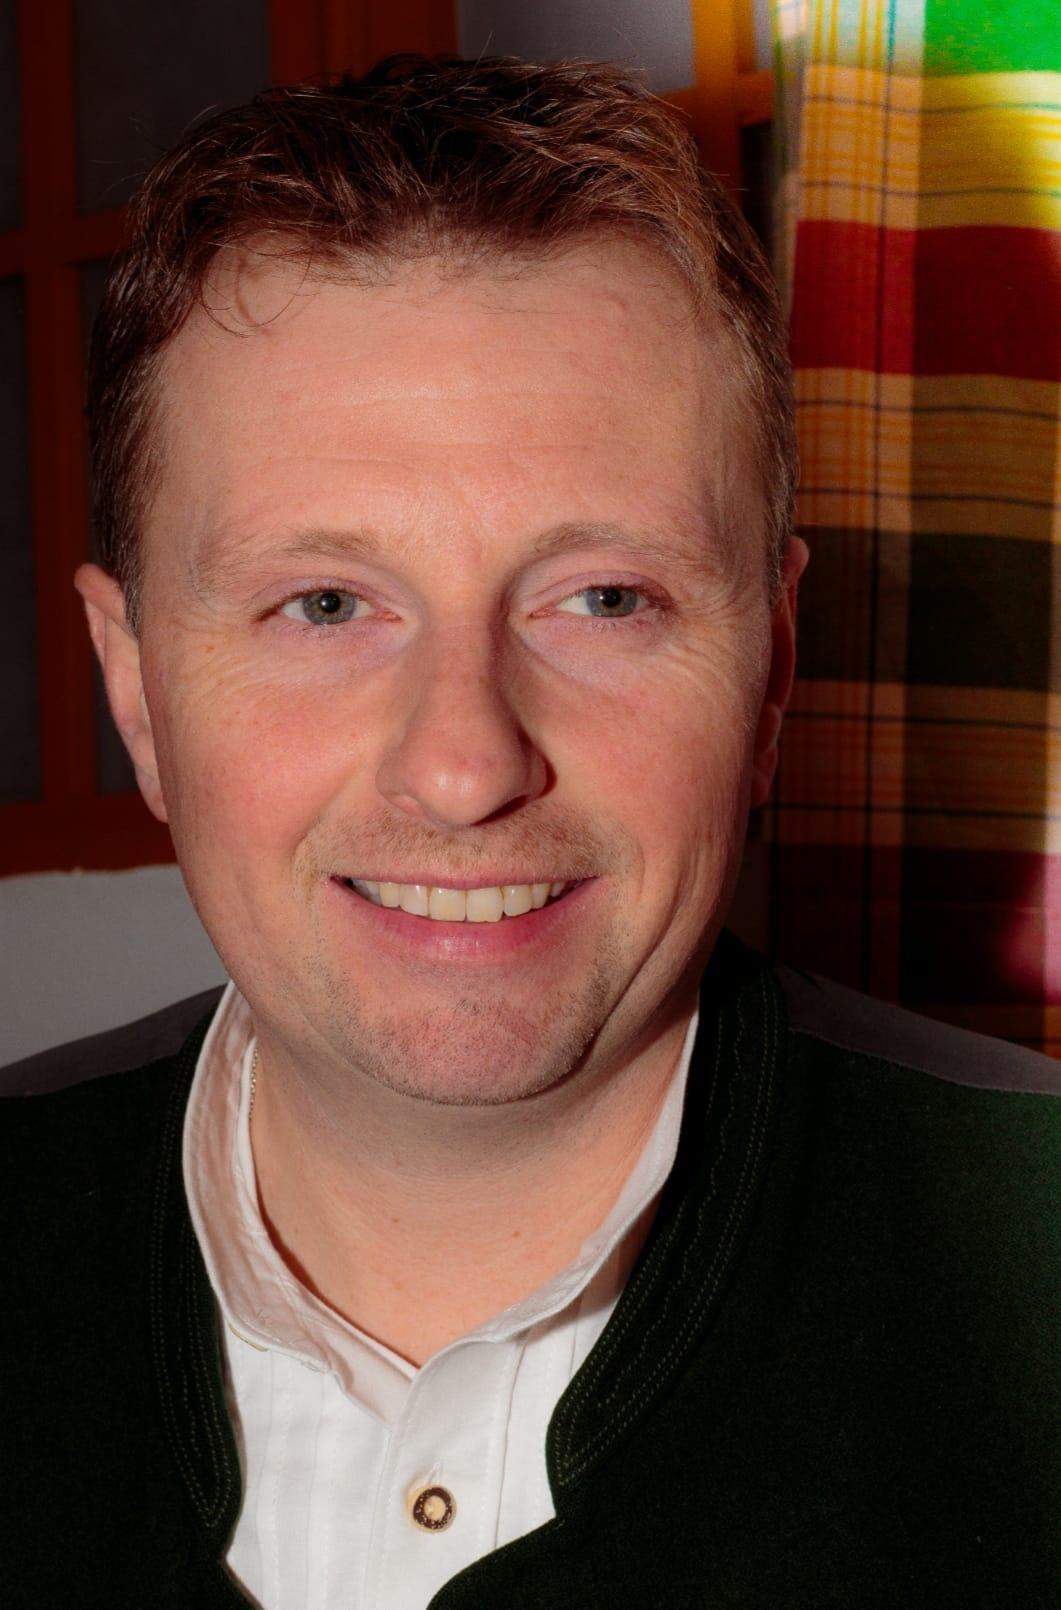 Markus Wirtensohn